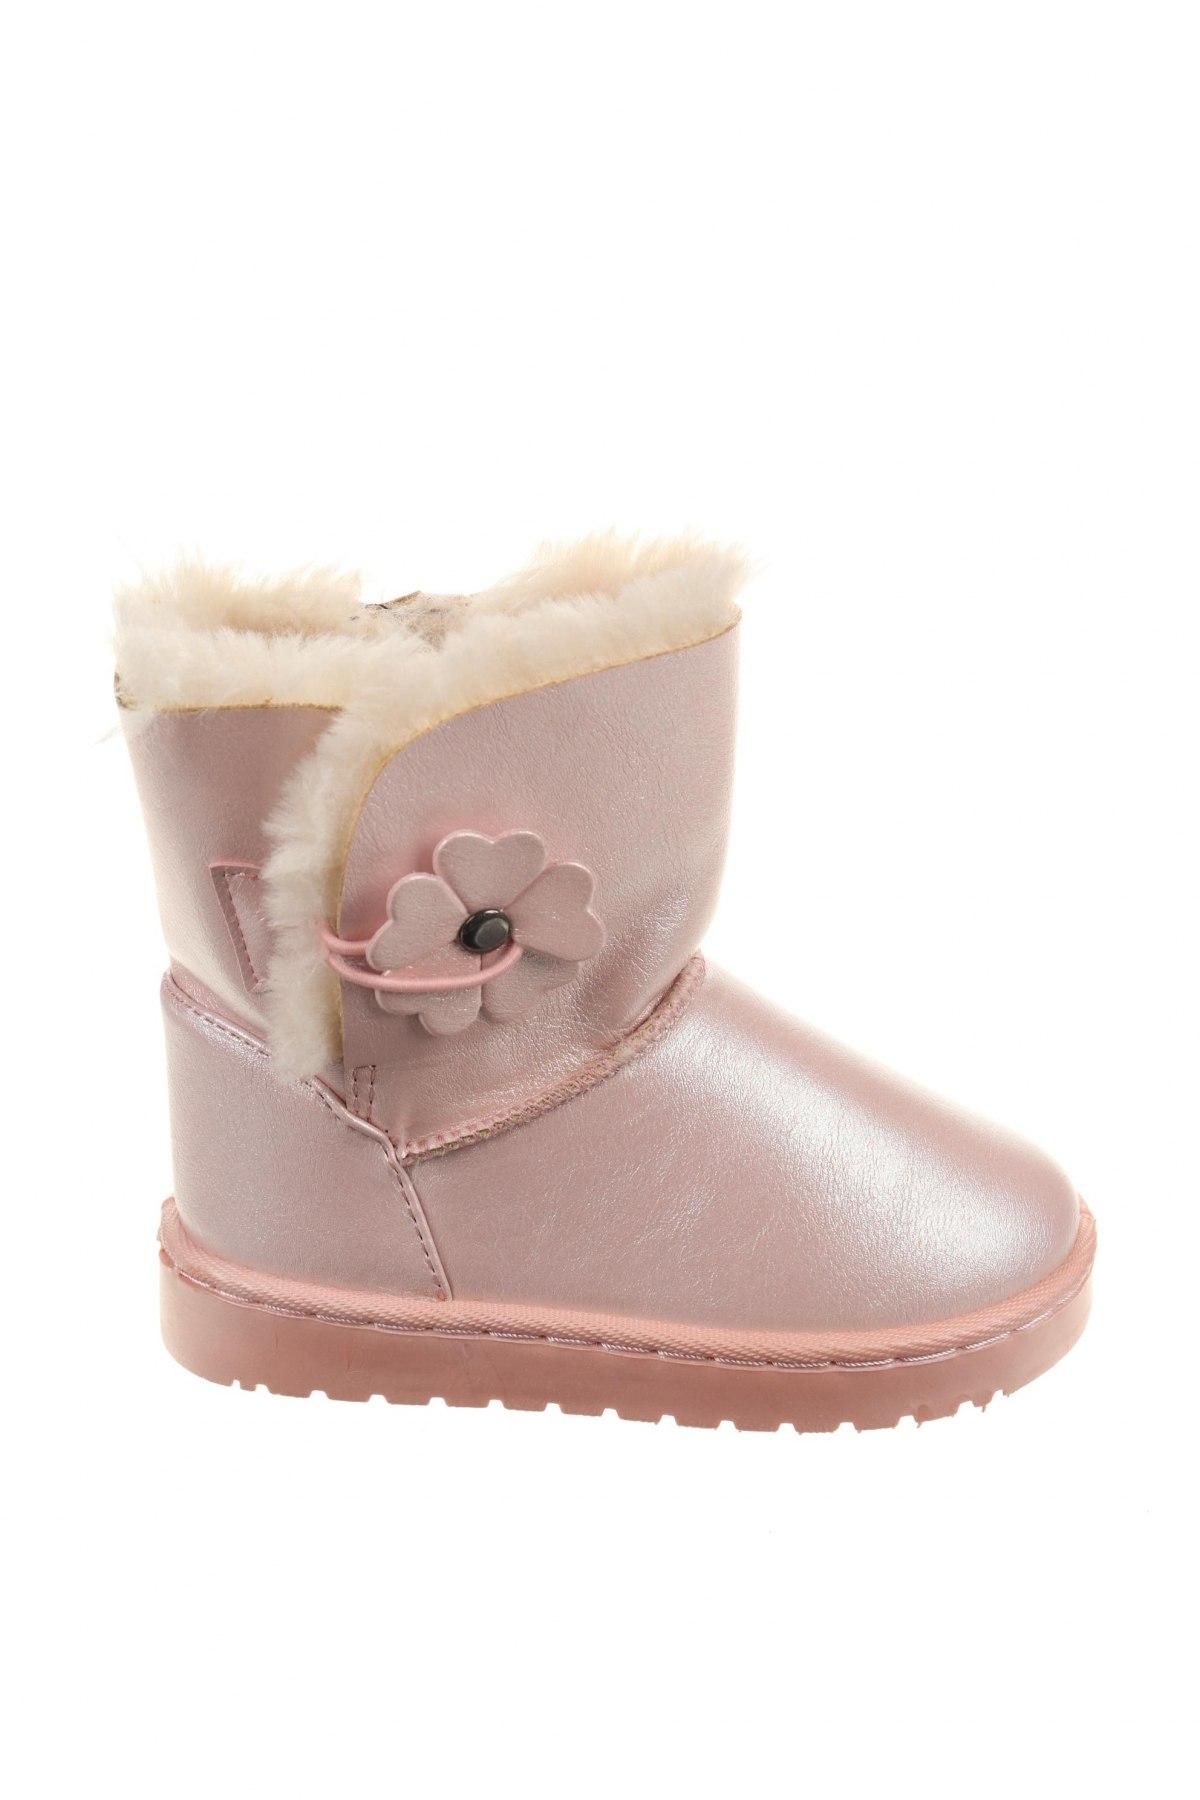 Παιδικά παπούτσια, Μέγεθος 26, Χρώμα Ρόζ , Δερματίνη, Τιμή 19,56€